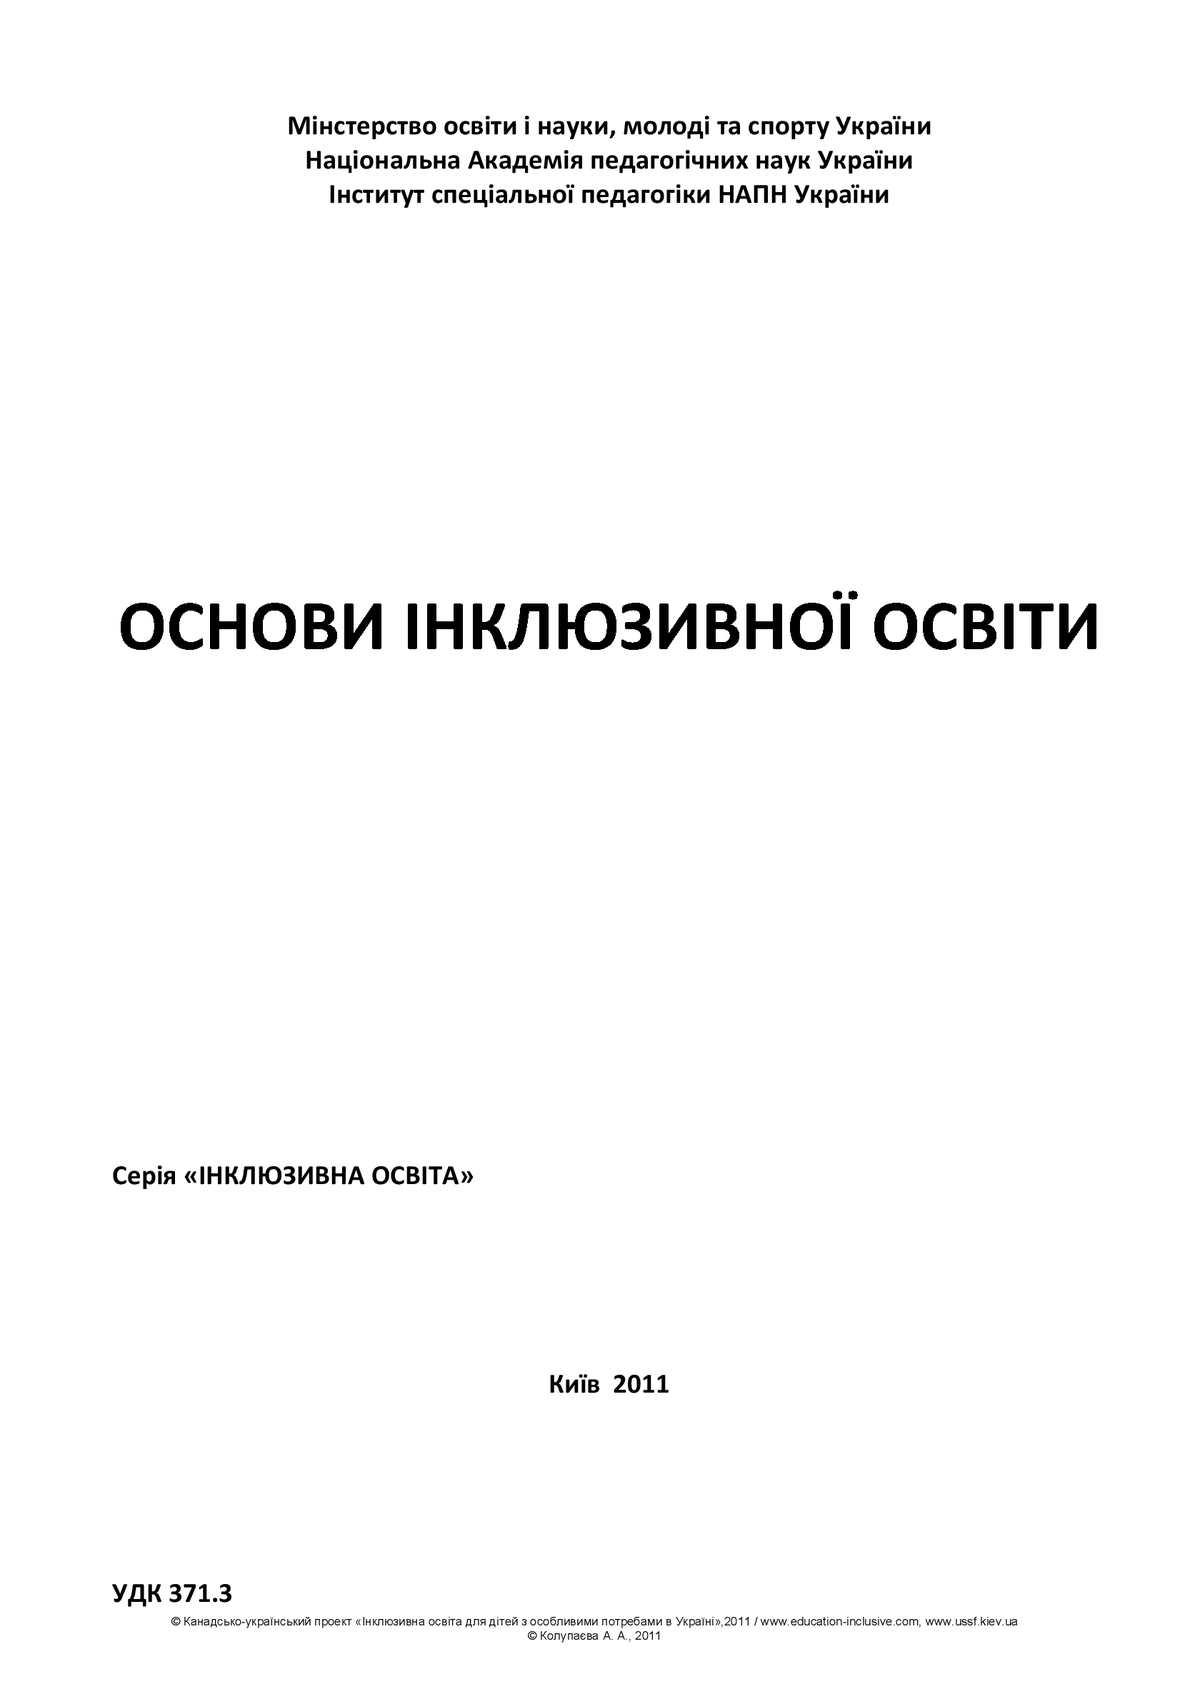 Calaméo - Навчально методичний посібник Основи Інклюзивної освіти 8f07f8f15292c